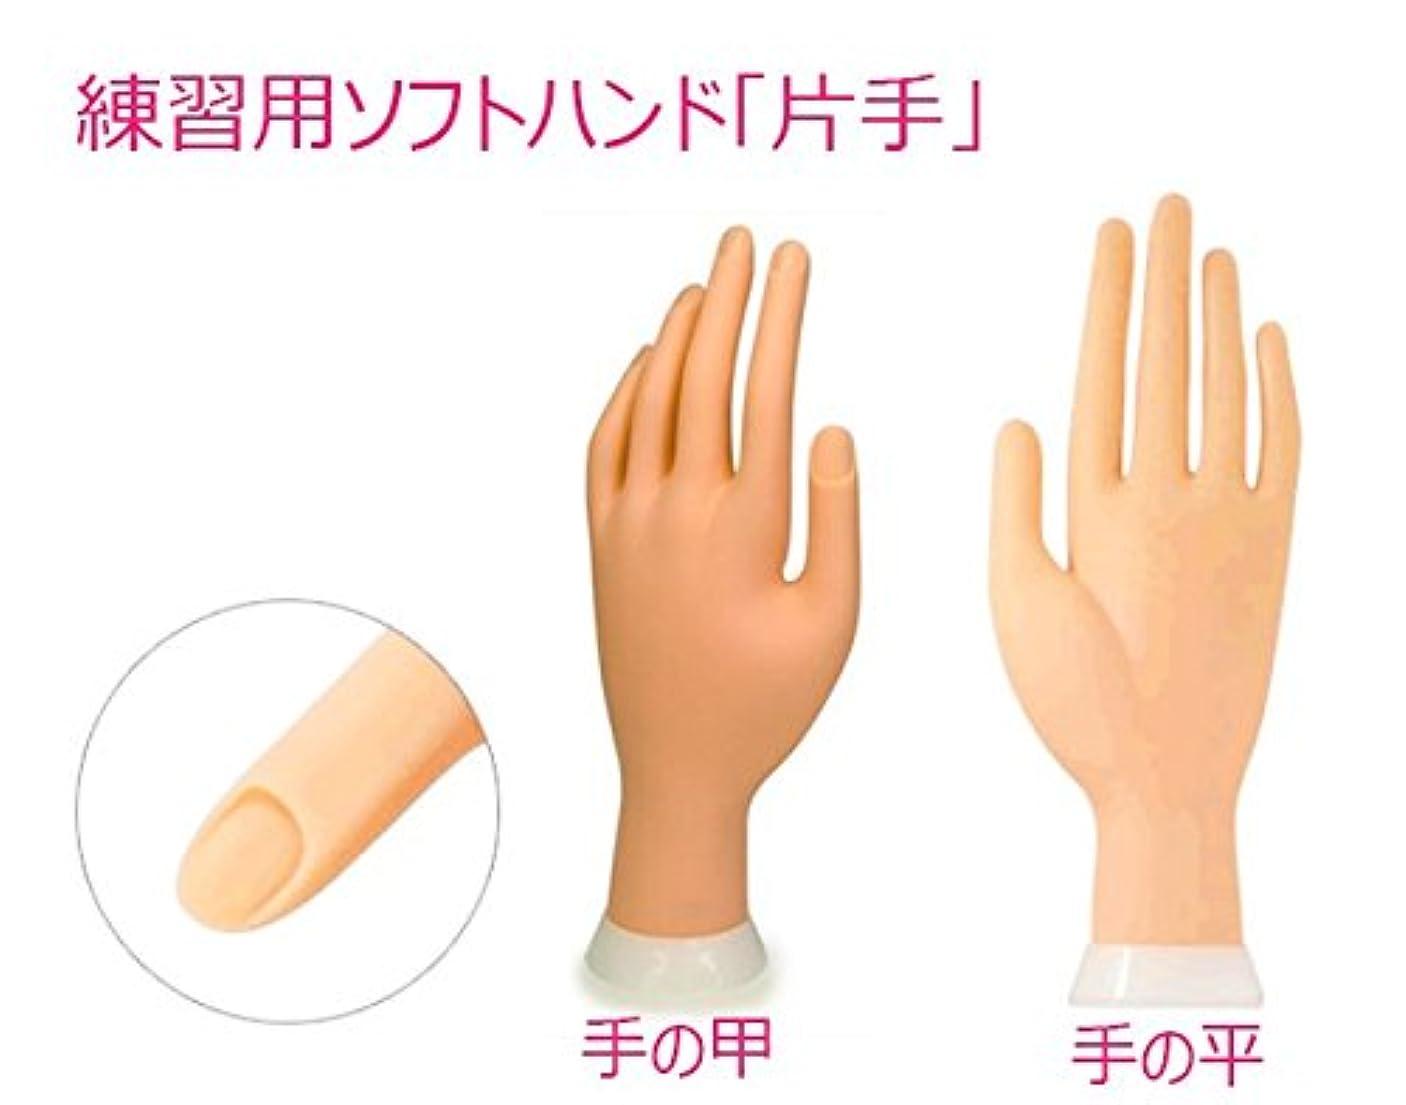 万一に備えて判定子豚練習用ソフトハンド(左手)チップ差し込み式